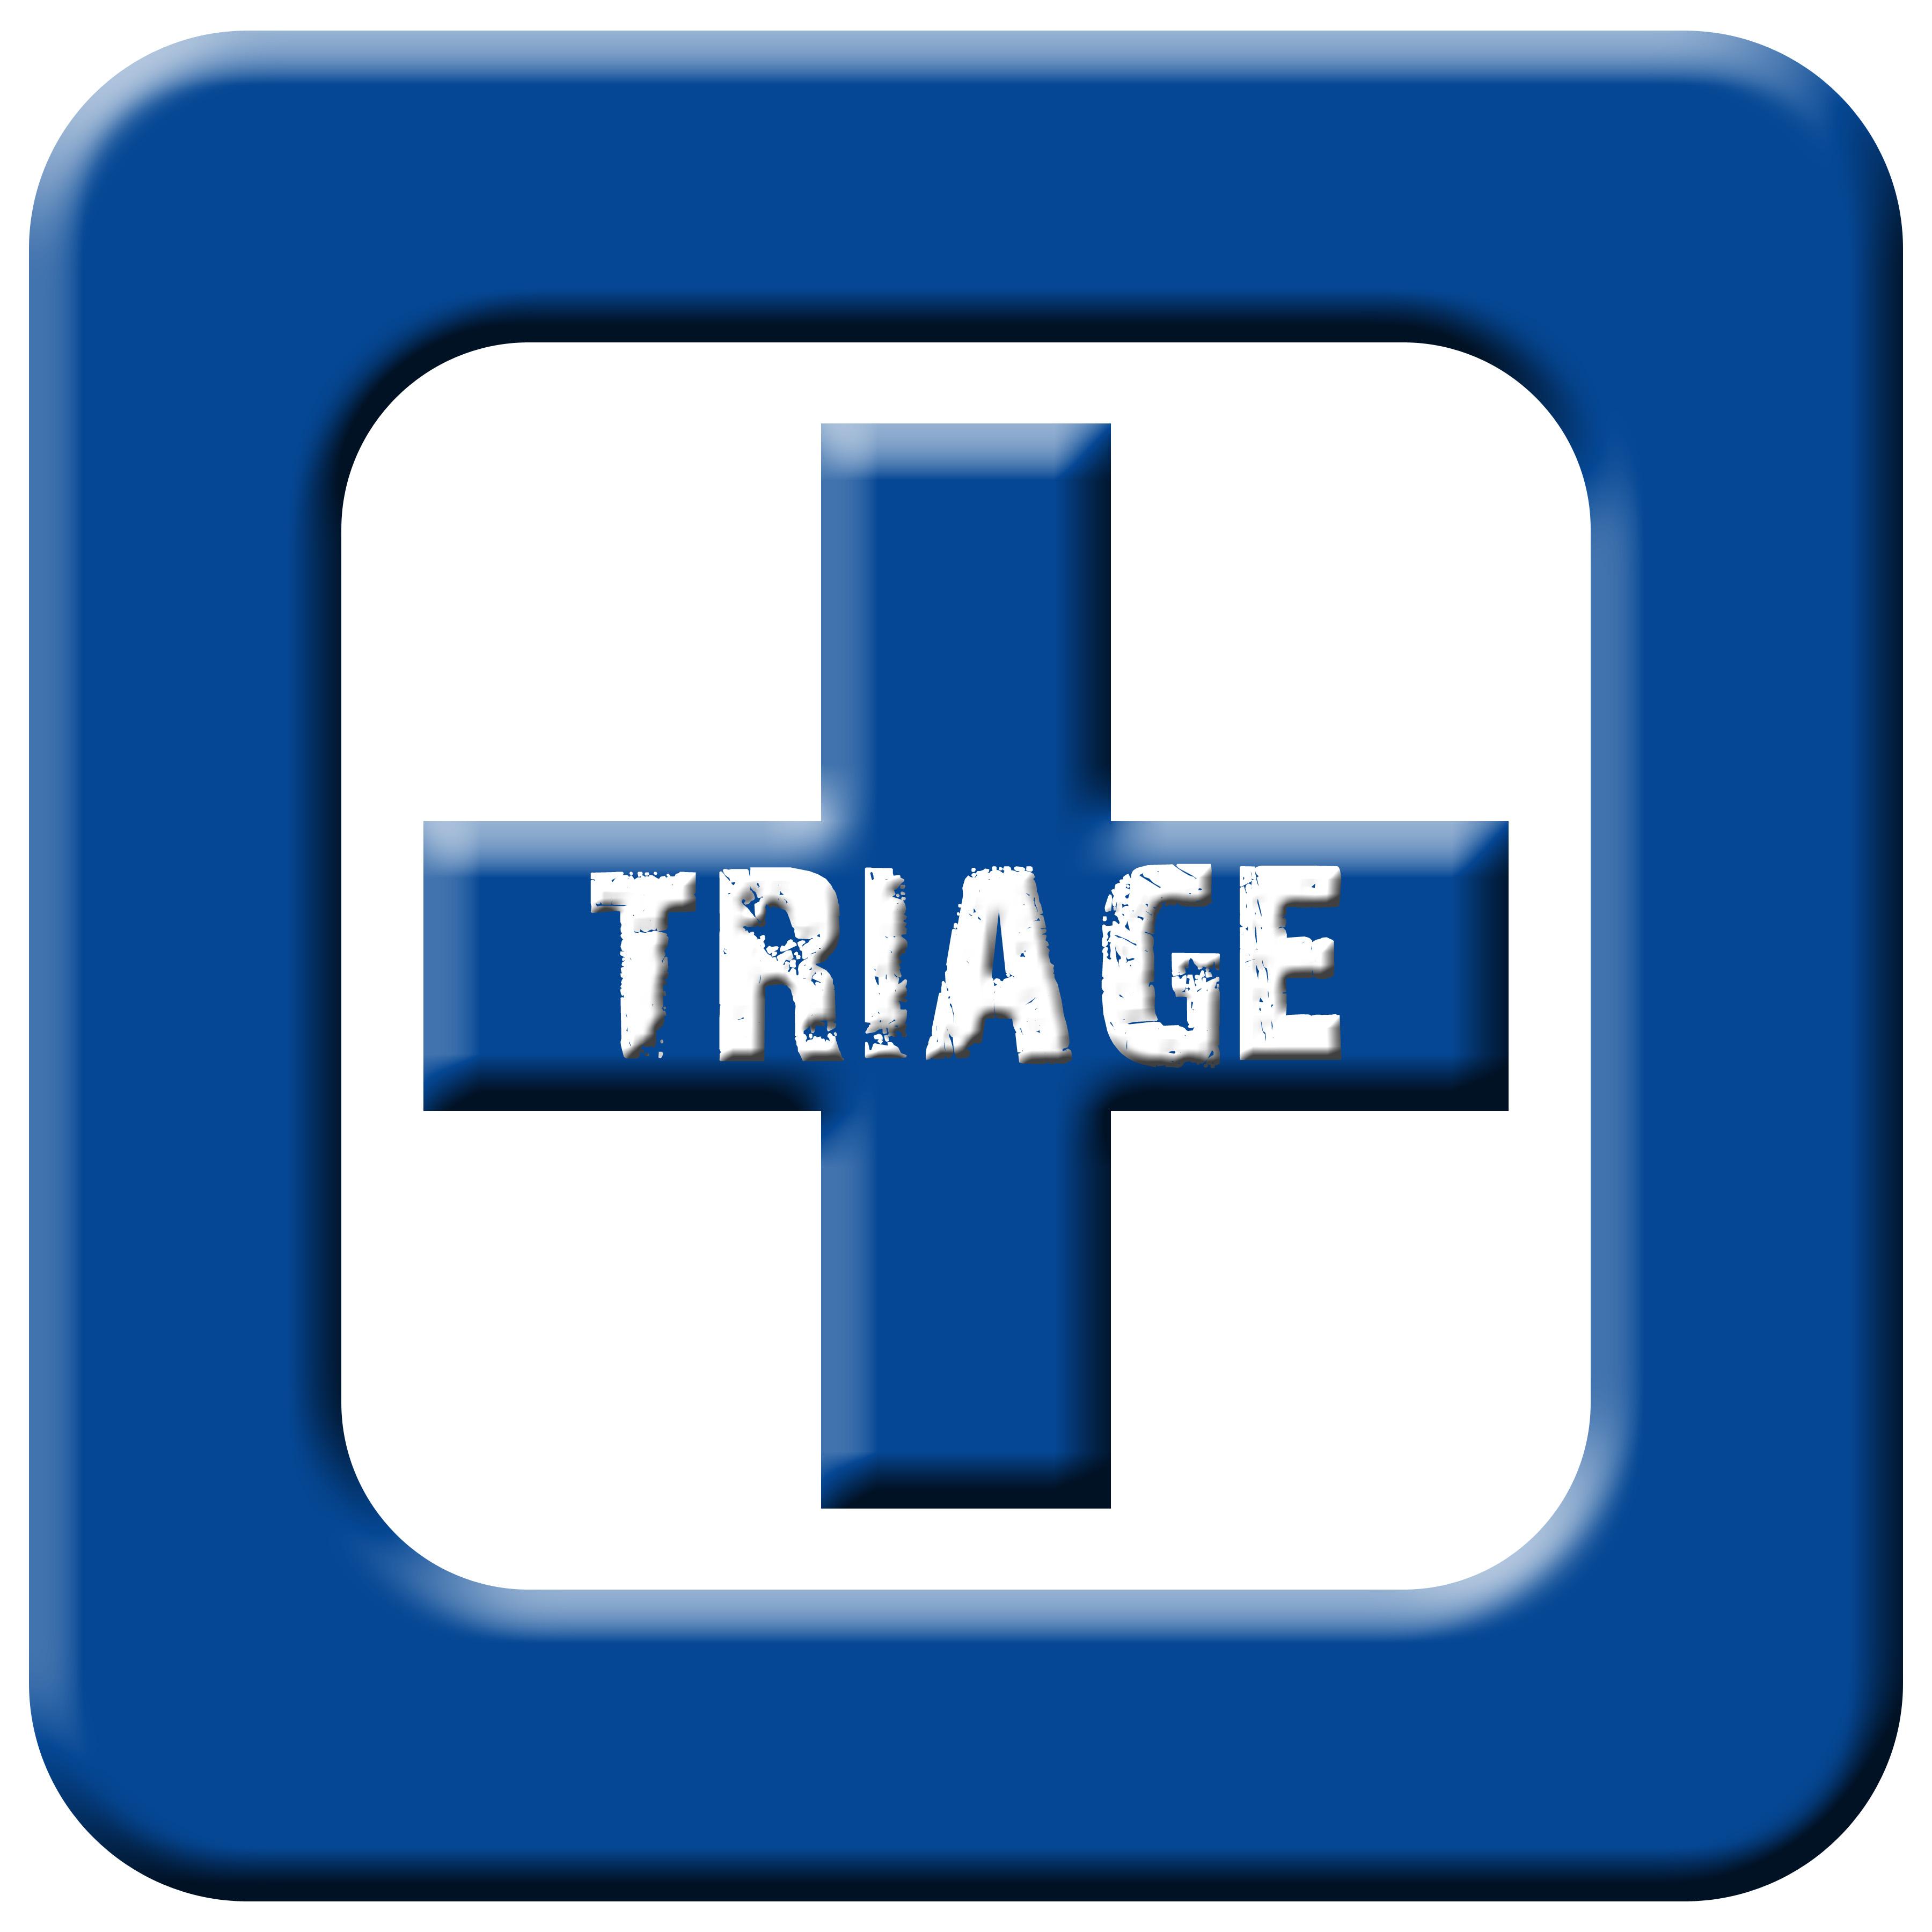 Emergency Room Triage Training